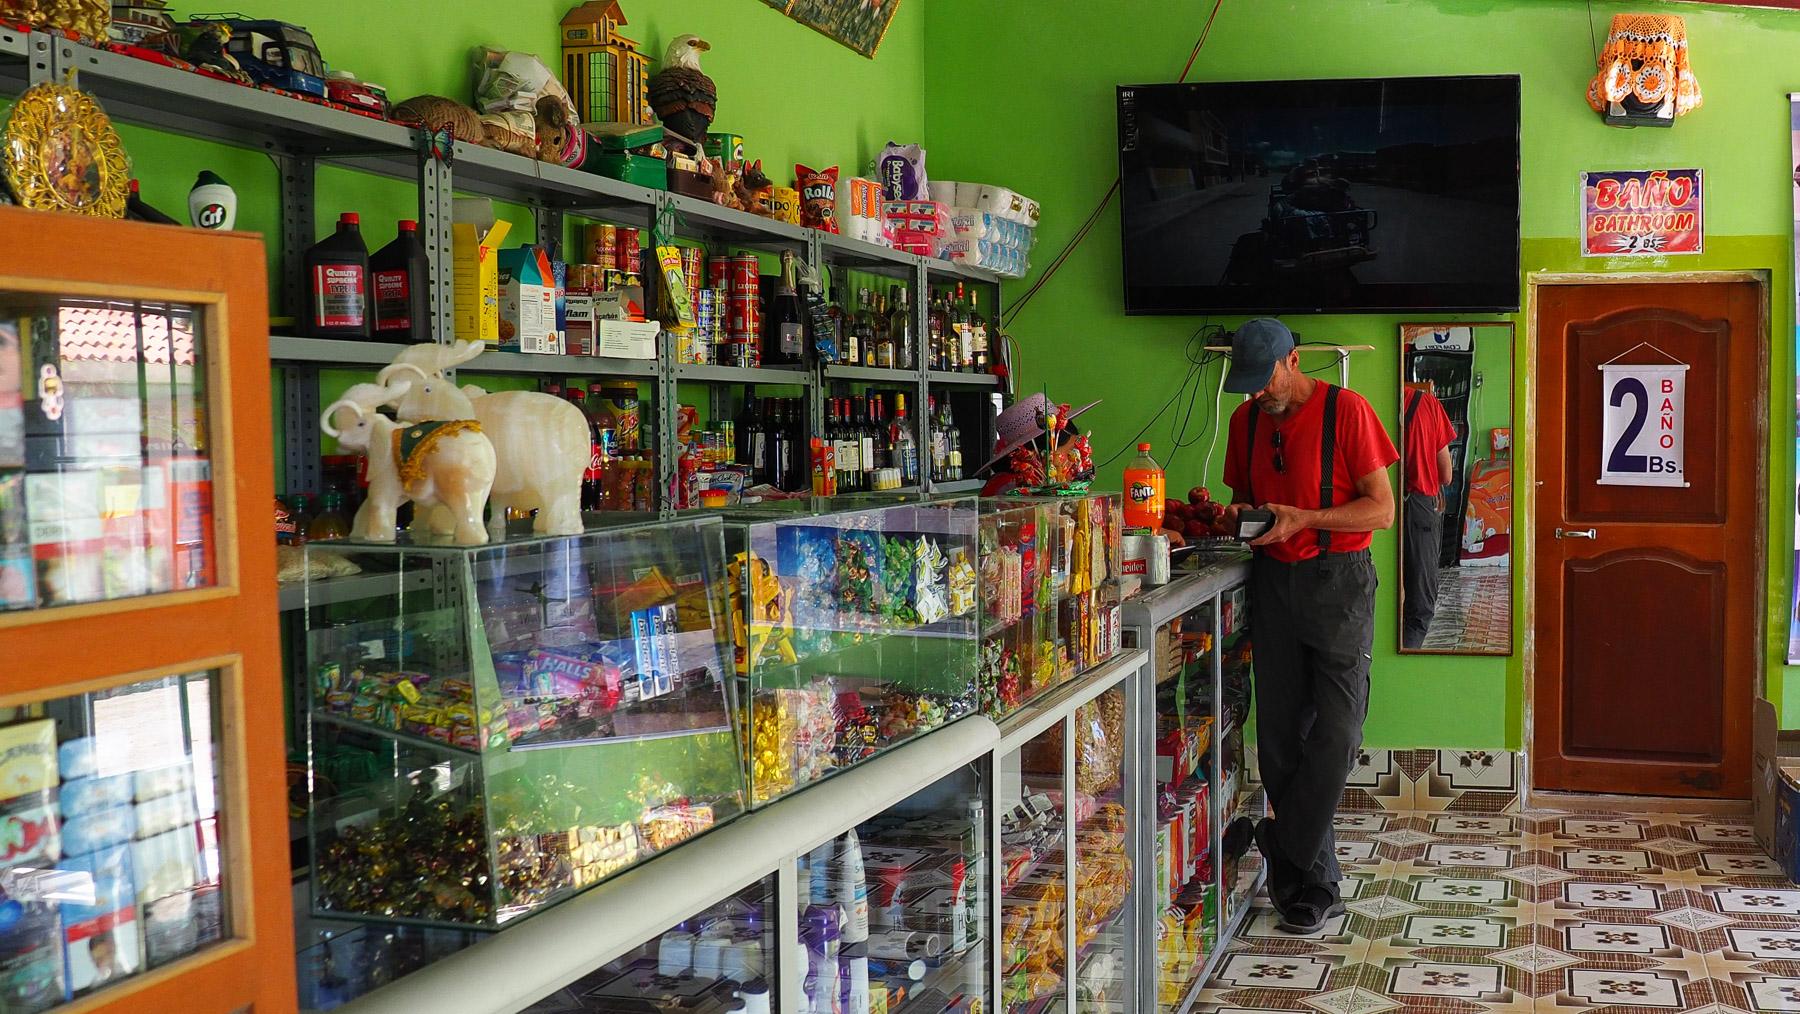 Um ein paar Bolivianos tauschen zu können, kaufen wir hier ein paar Sachen